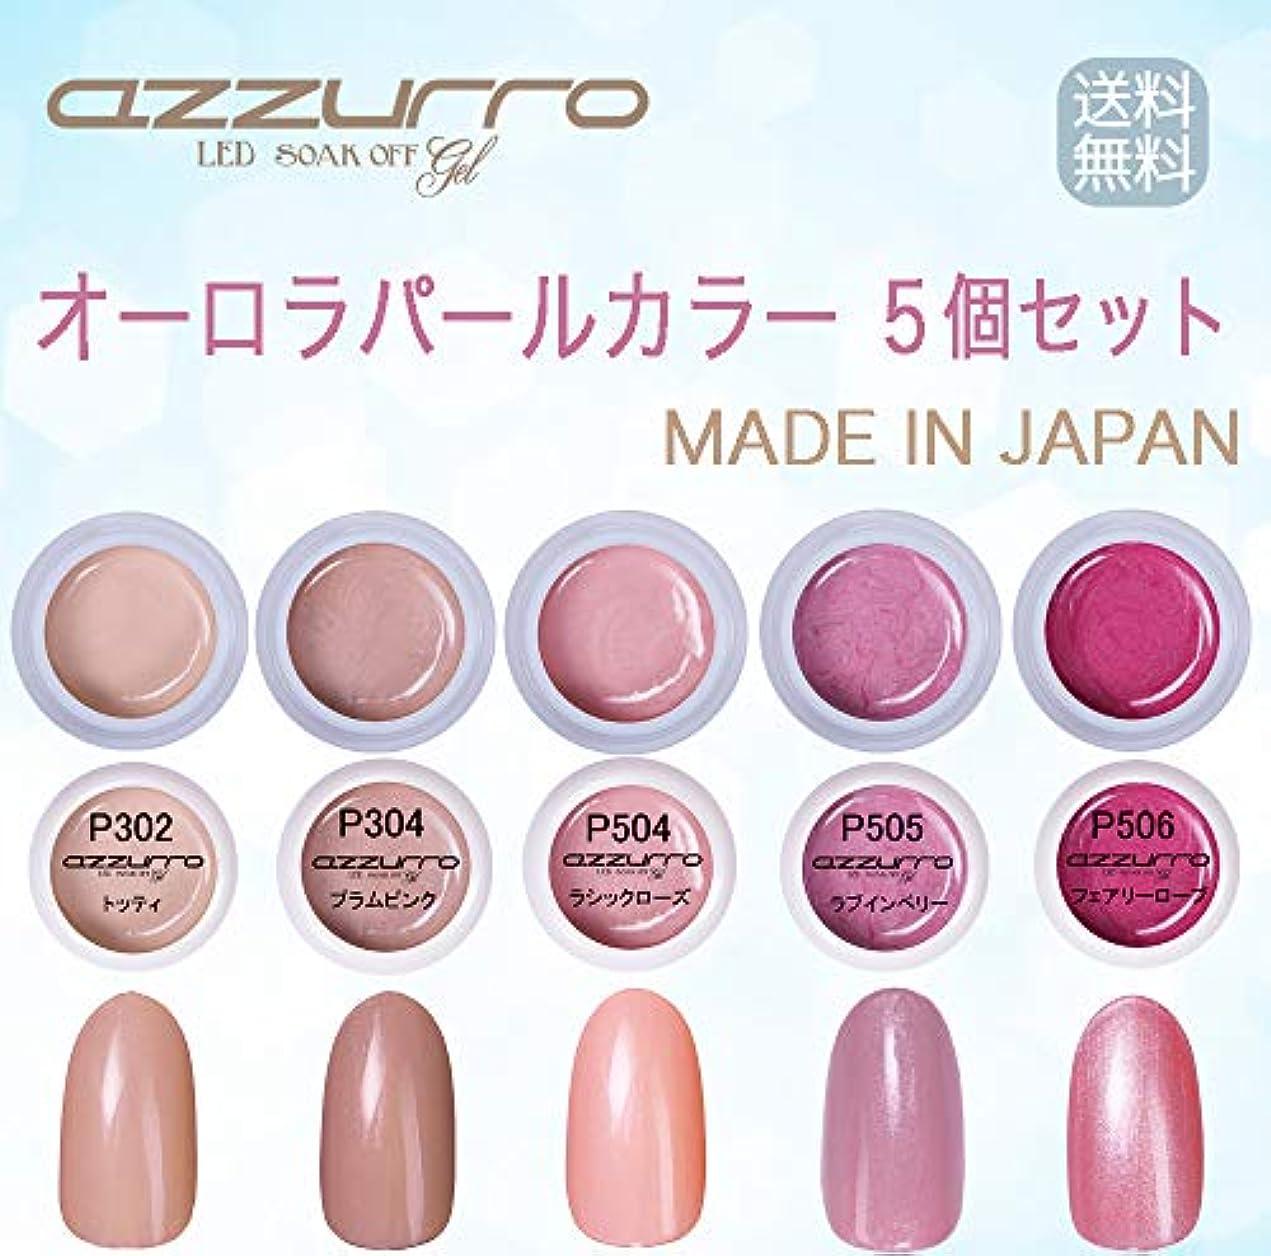 ラウンジ令状陪審【送料無料】日本製 azzurro gel オーロラパール ジェル5個セット 上品な輝きのパールカラー